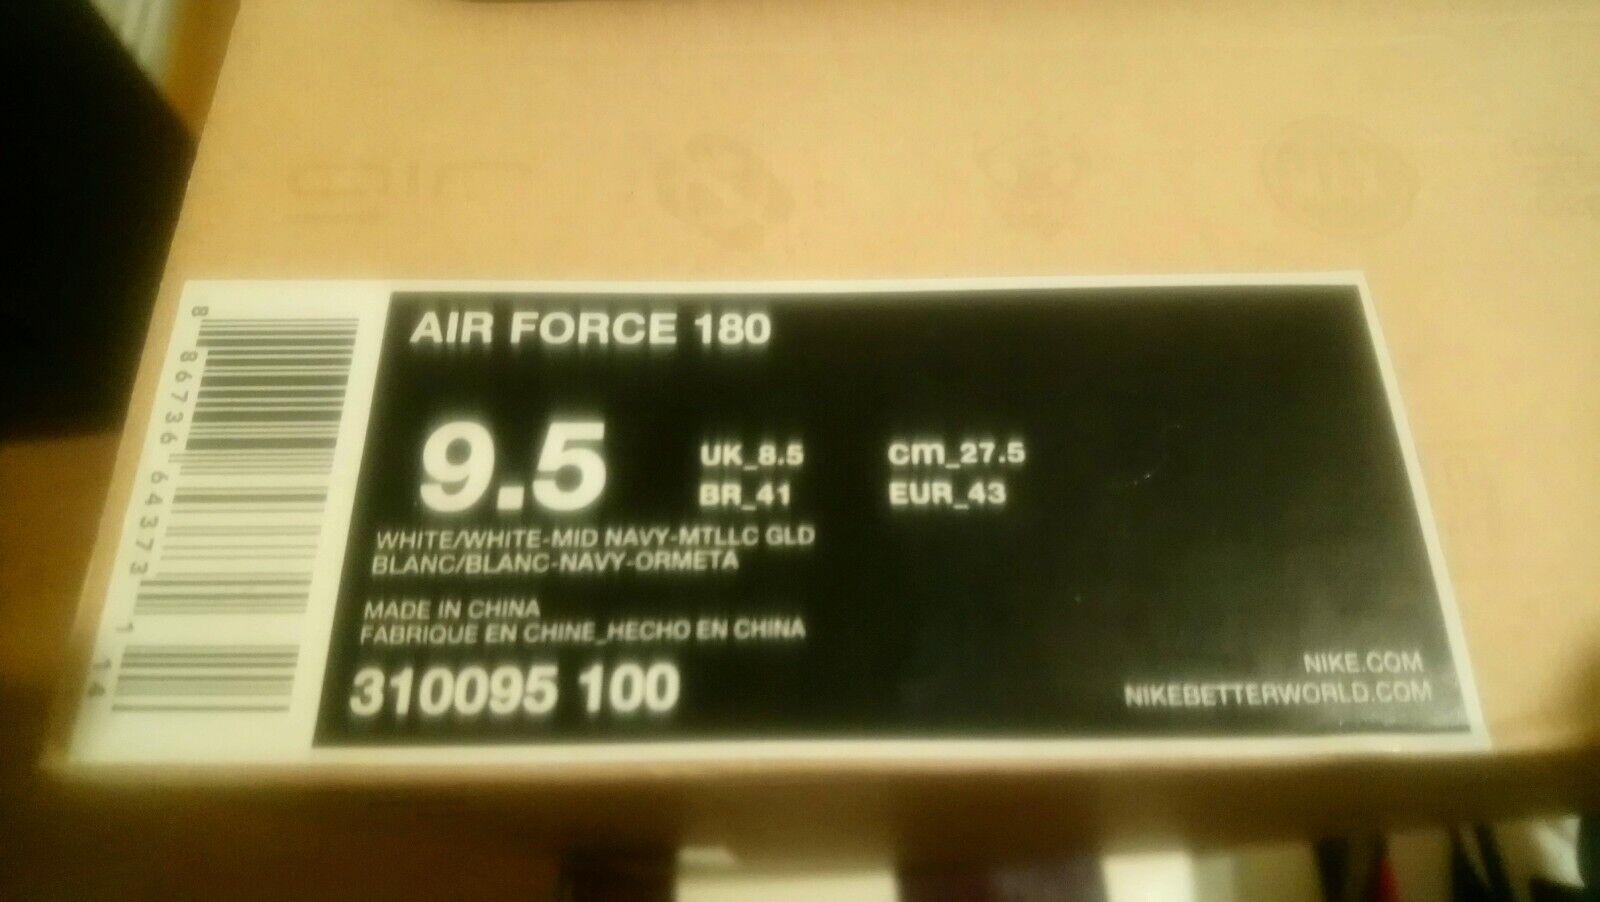 NIKE AIR FORCE 180 OG RETRO 2012 DREAM TEAM P43